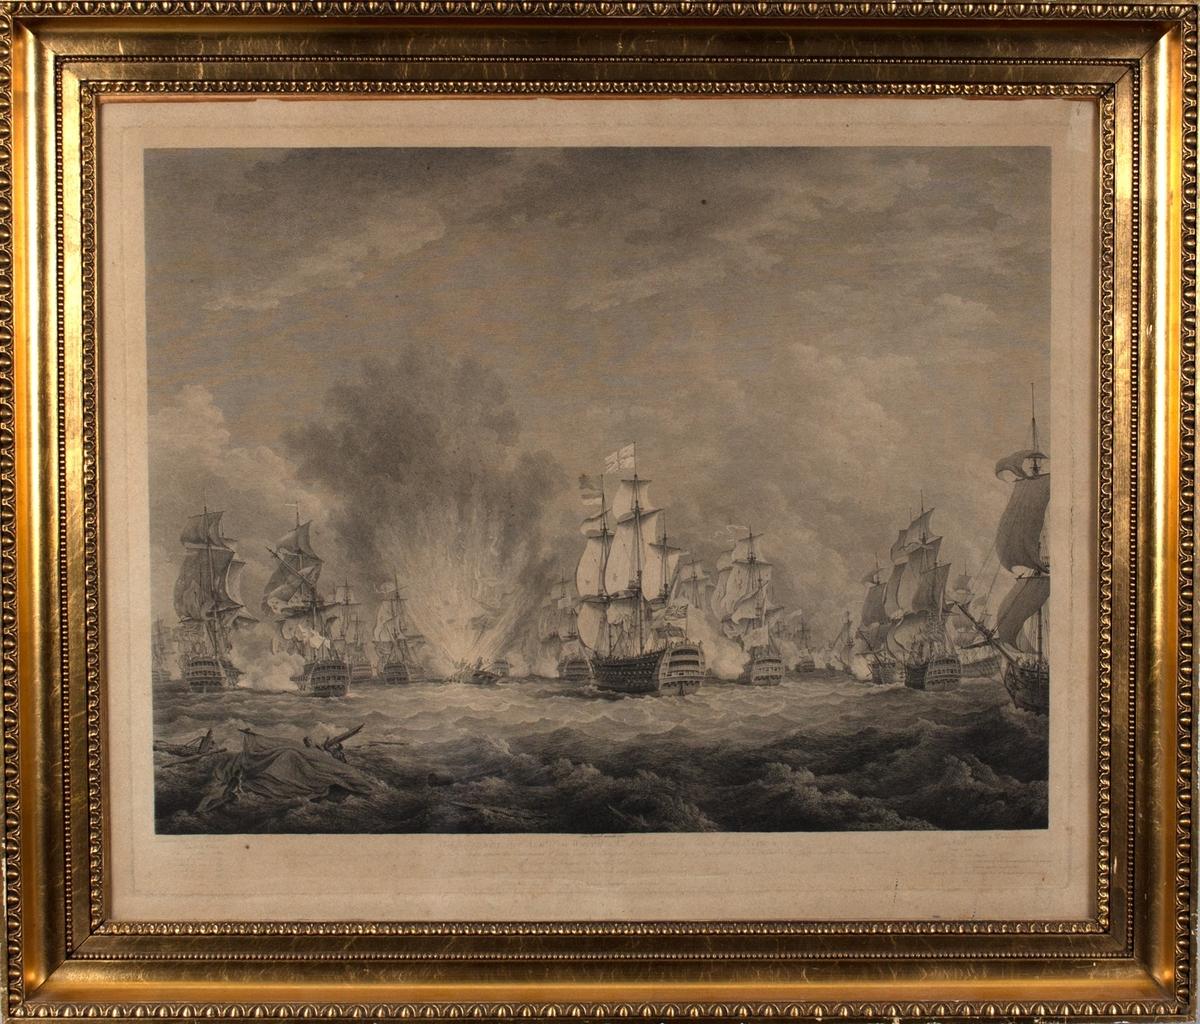 Sjøslag mellom spanske og engelske orlogsfartøy i slaget ved  Kapp St. Vincent i 1780. I midten står et skip i full brann, og i motivets forgrun har skipbrudne klatret opp på vrakgods.